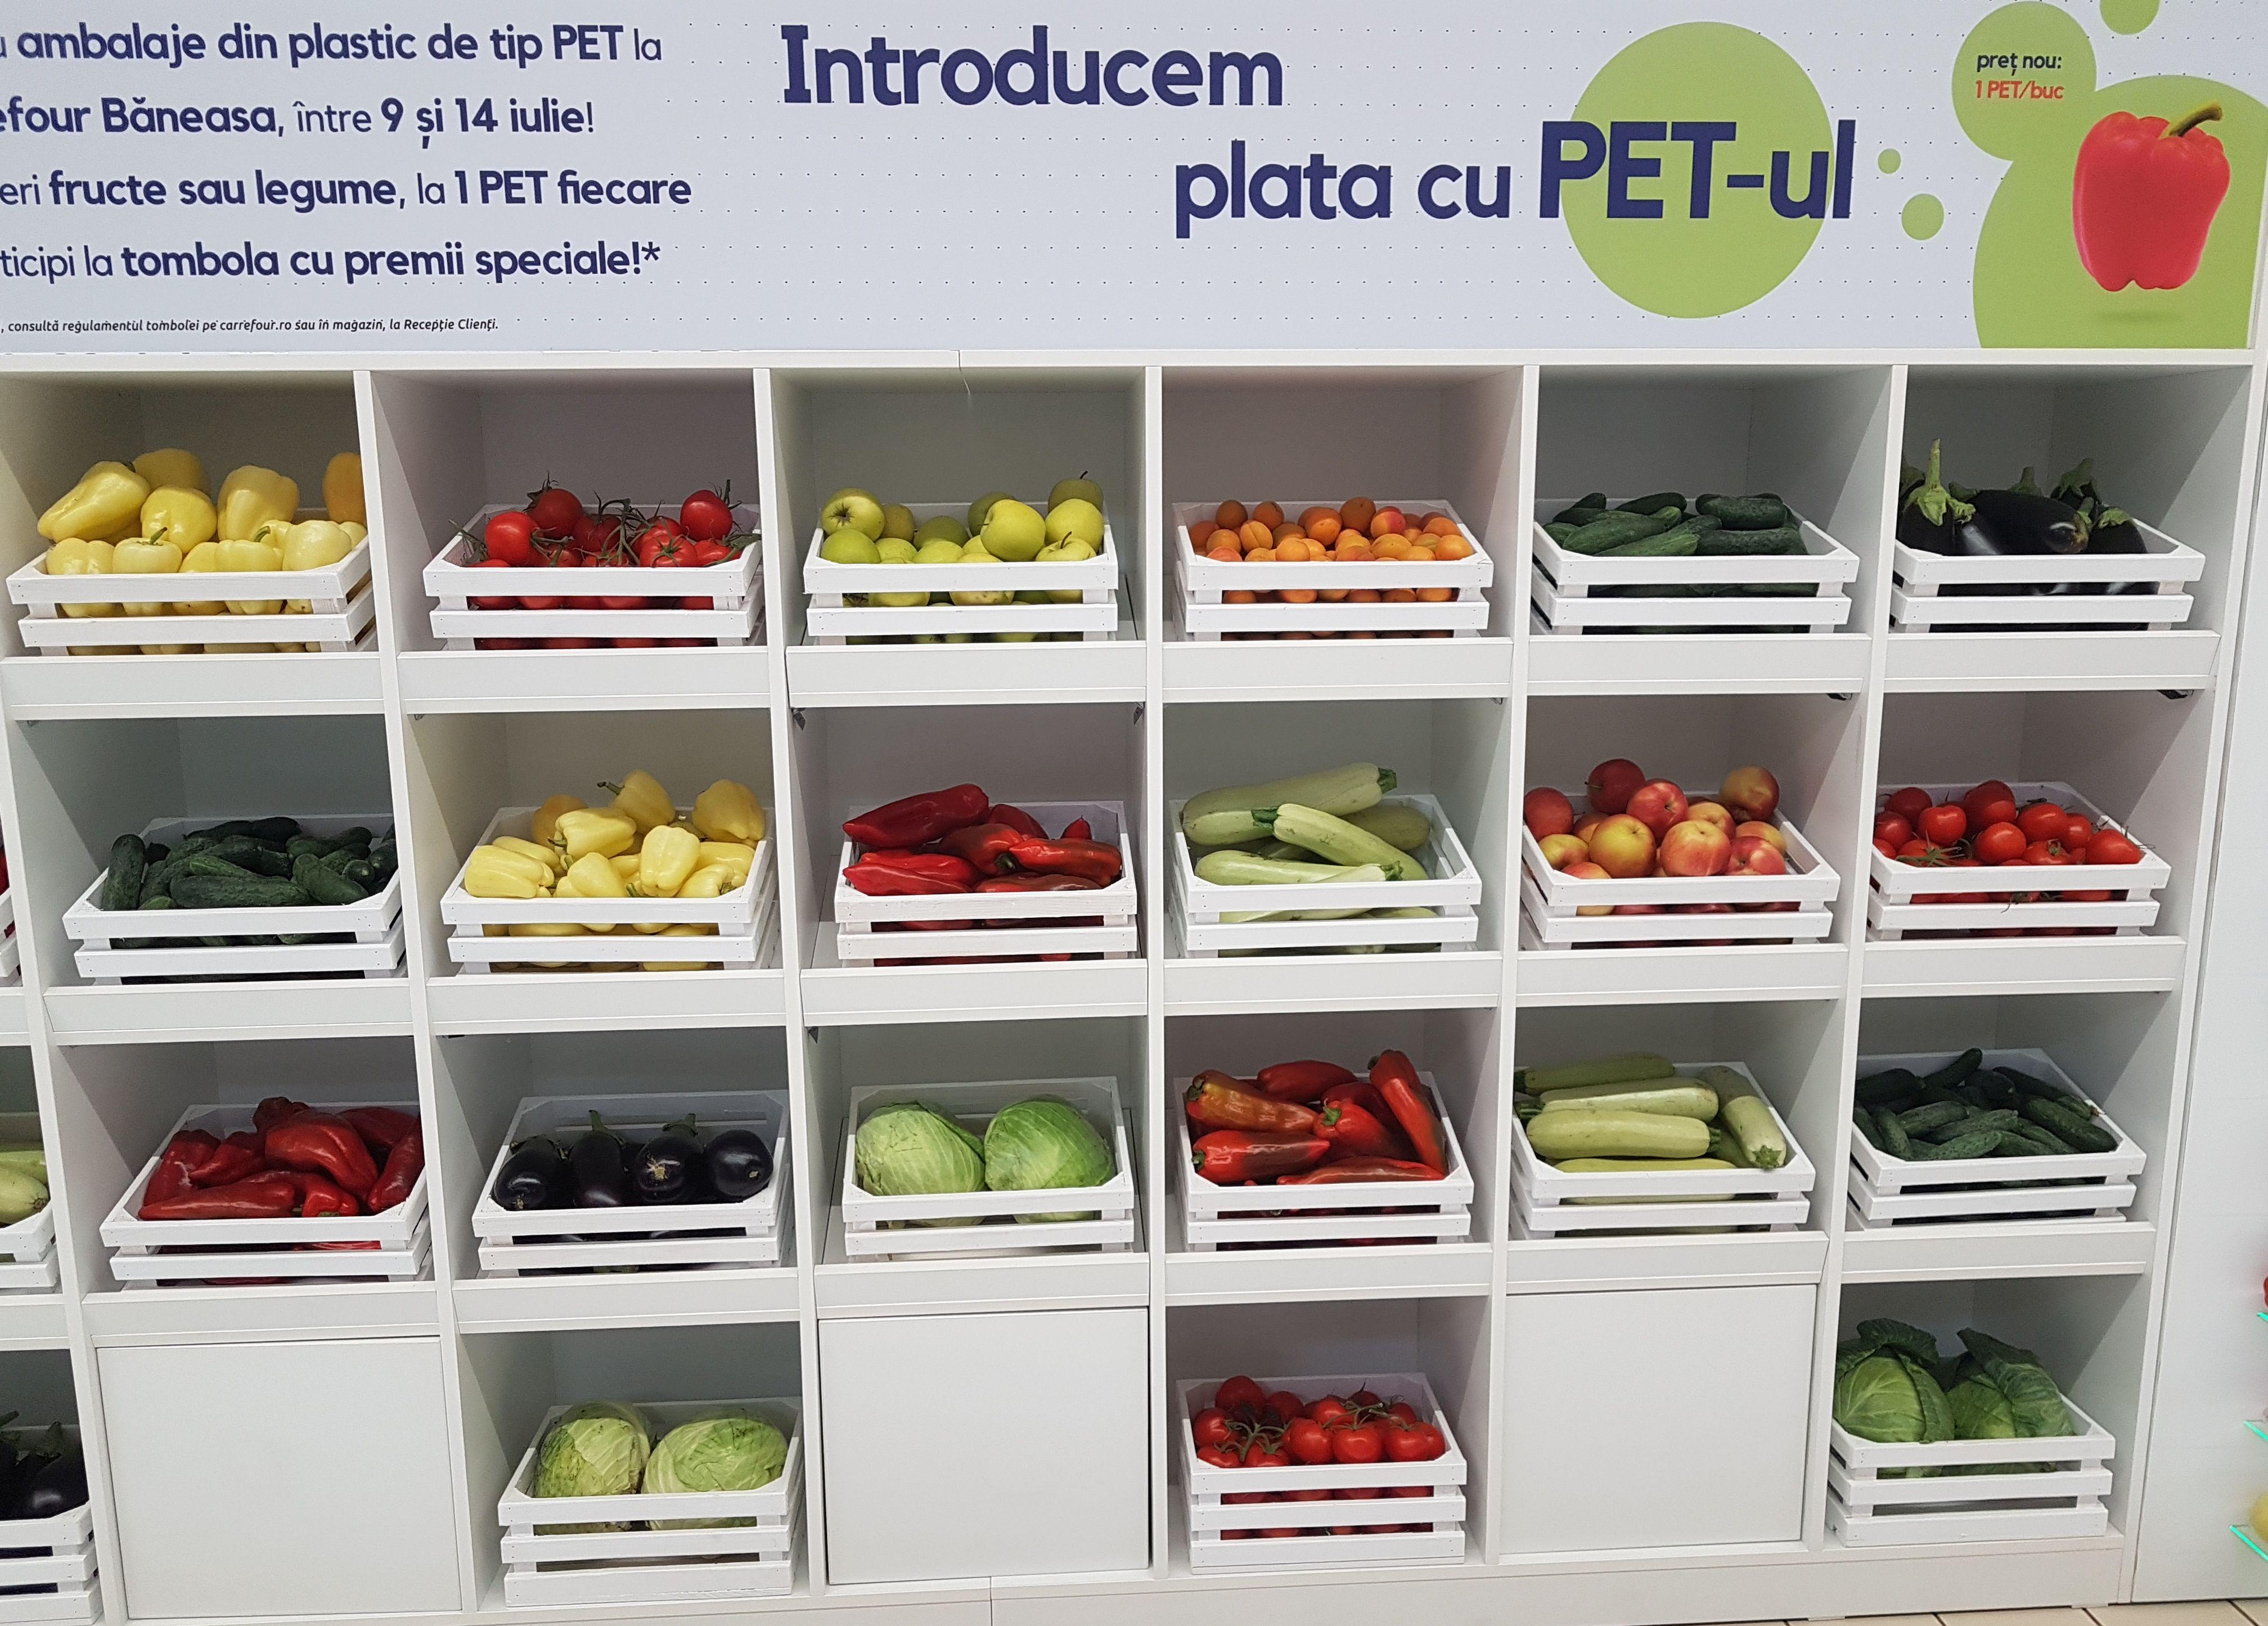 Unde poti cumpara fructe si legume cu PET-uri in loc de bani